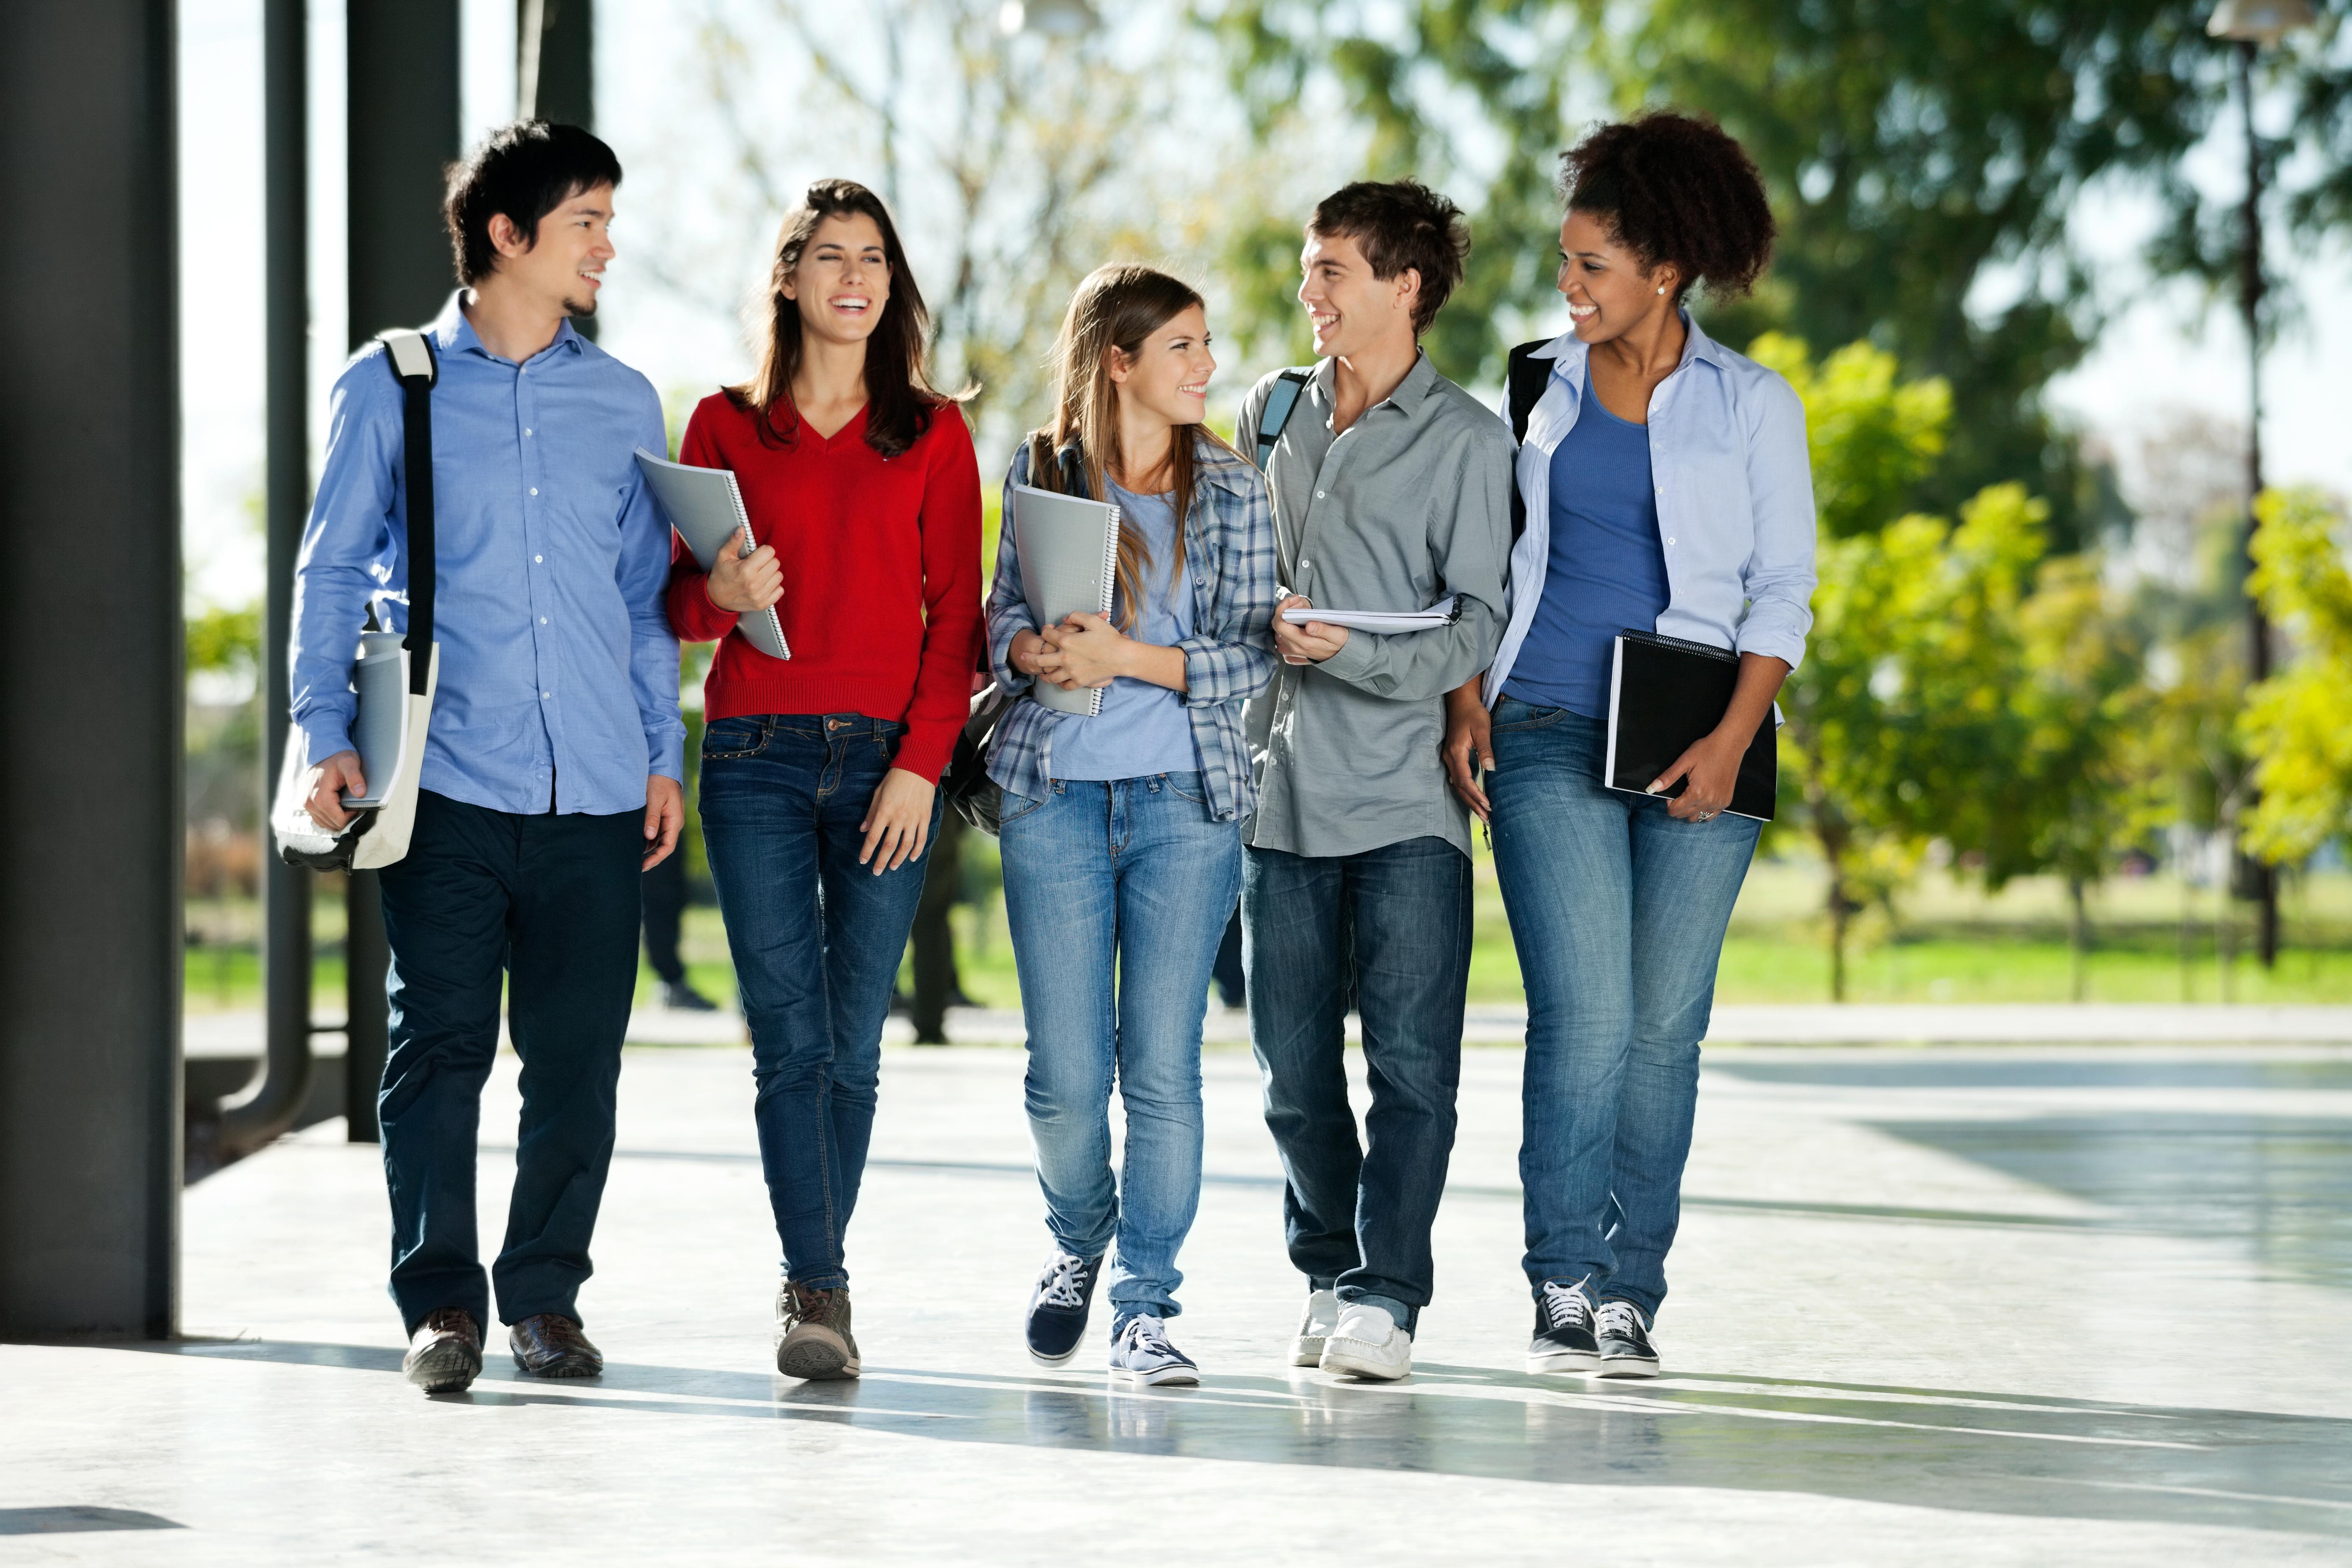 Студенты, которые могут получить ВНЖ Швейцарии по учебе